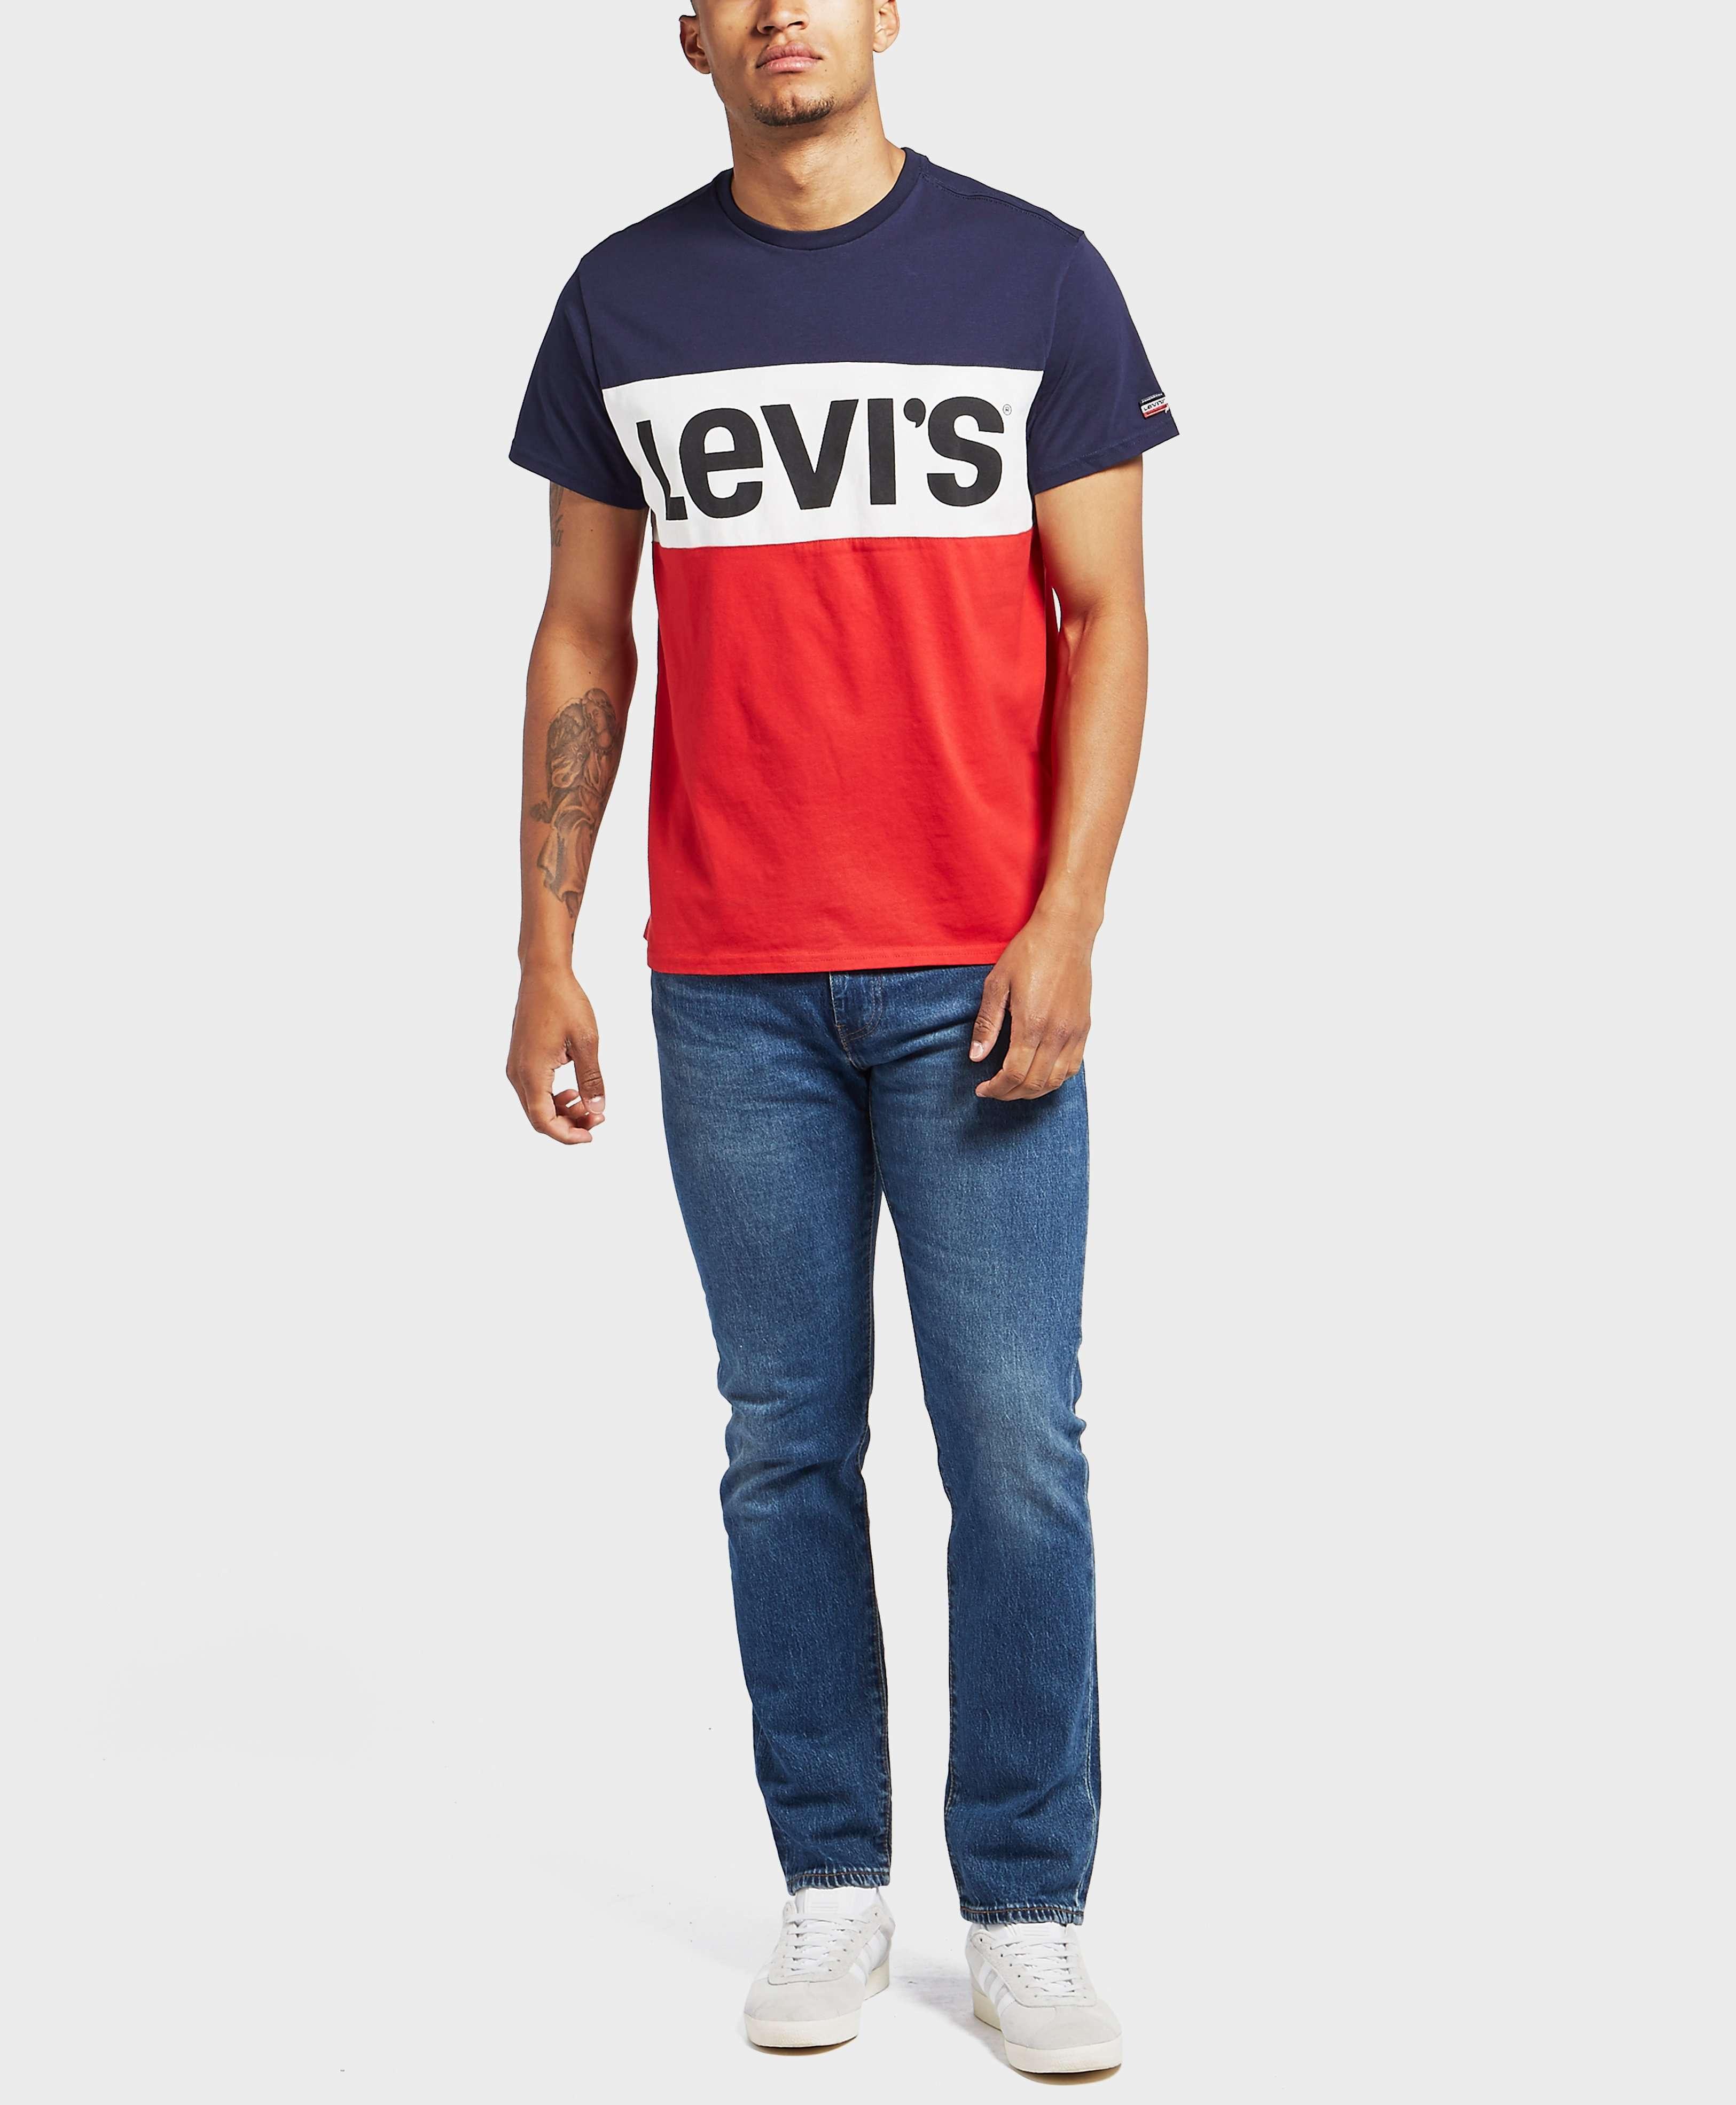 Levis Colour Block Short Sleeve T-Shirt